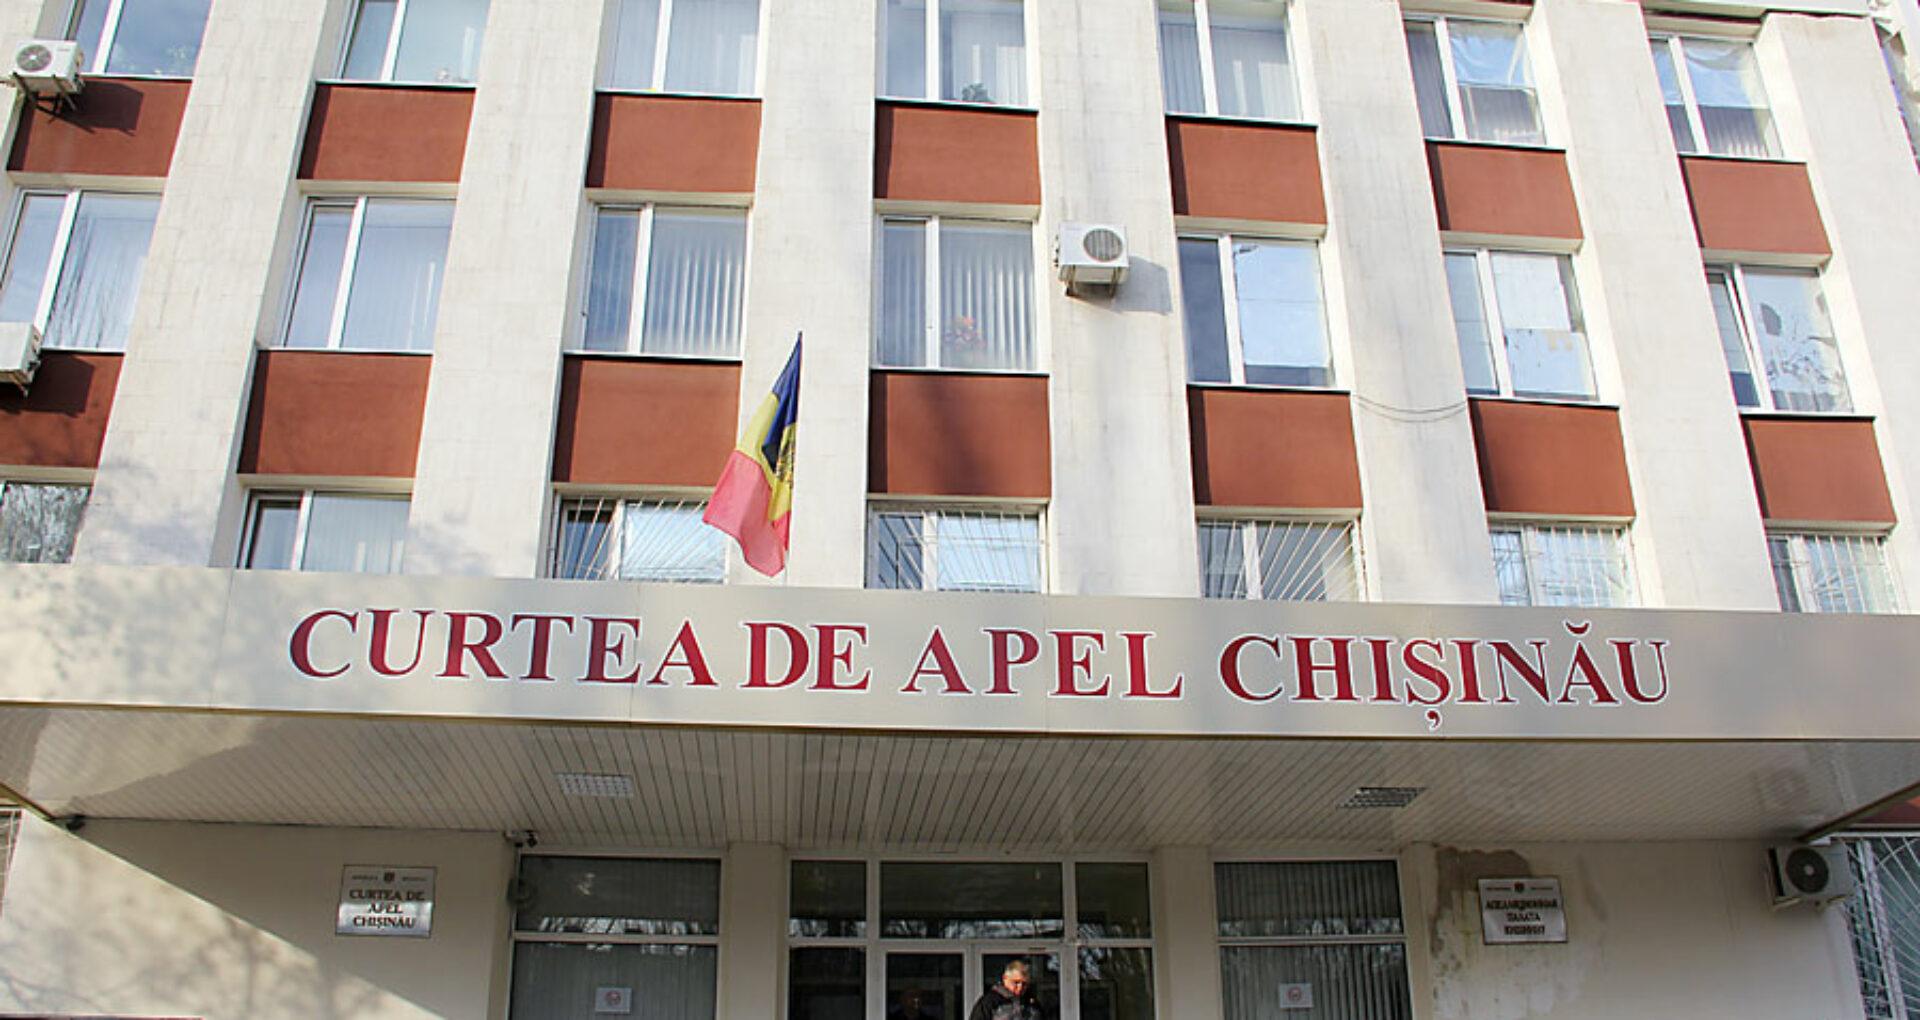 Precizările PCCOCS privind perchezițiile de la oficiul atribuit lui Veaceslav Platon în dosarul filării magistratei de la Curtea de Apel Chișinău